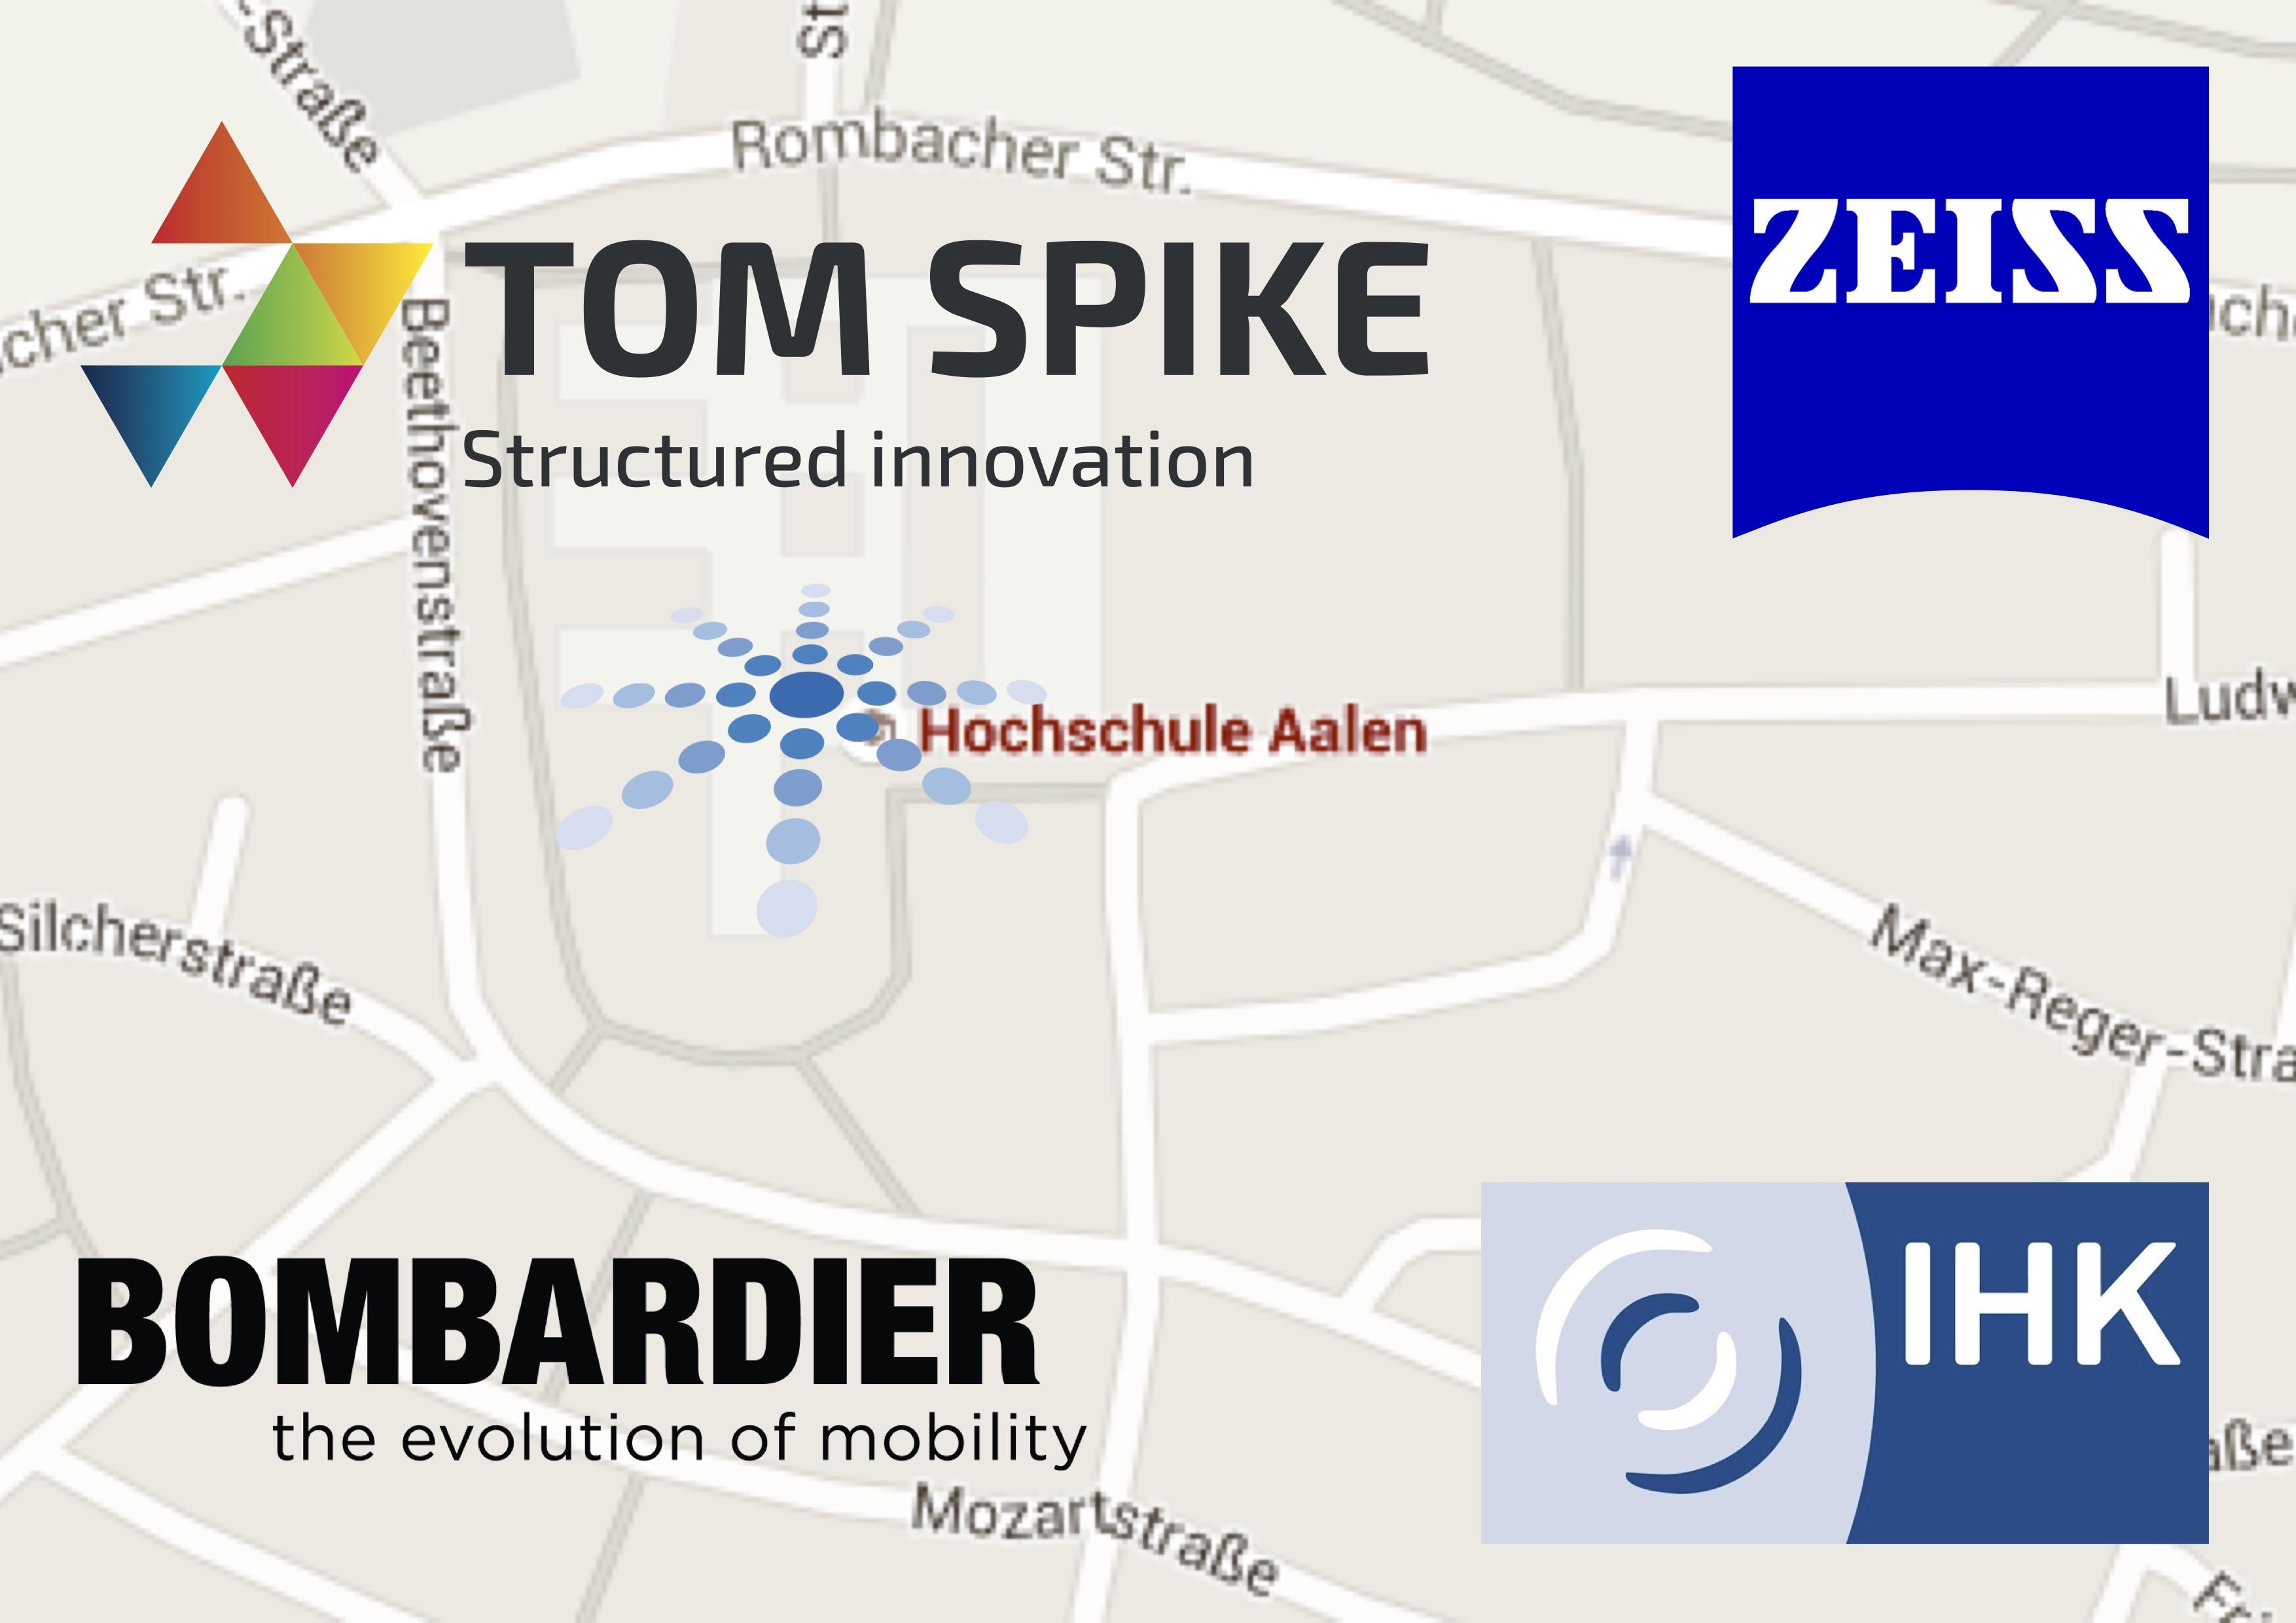 Karte Des Campus Hochschule Aachen Mit Innovationsworkshopteilnehmer-Logos TOM SPIKE, Zeiss, Bombardier, IHK